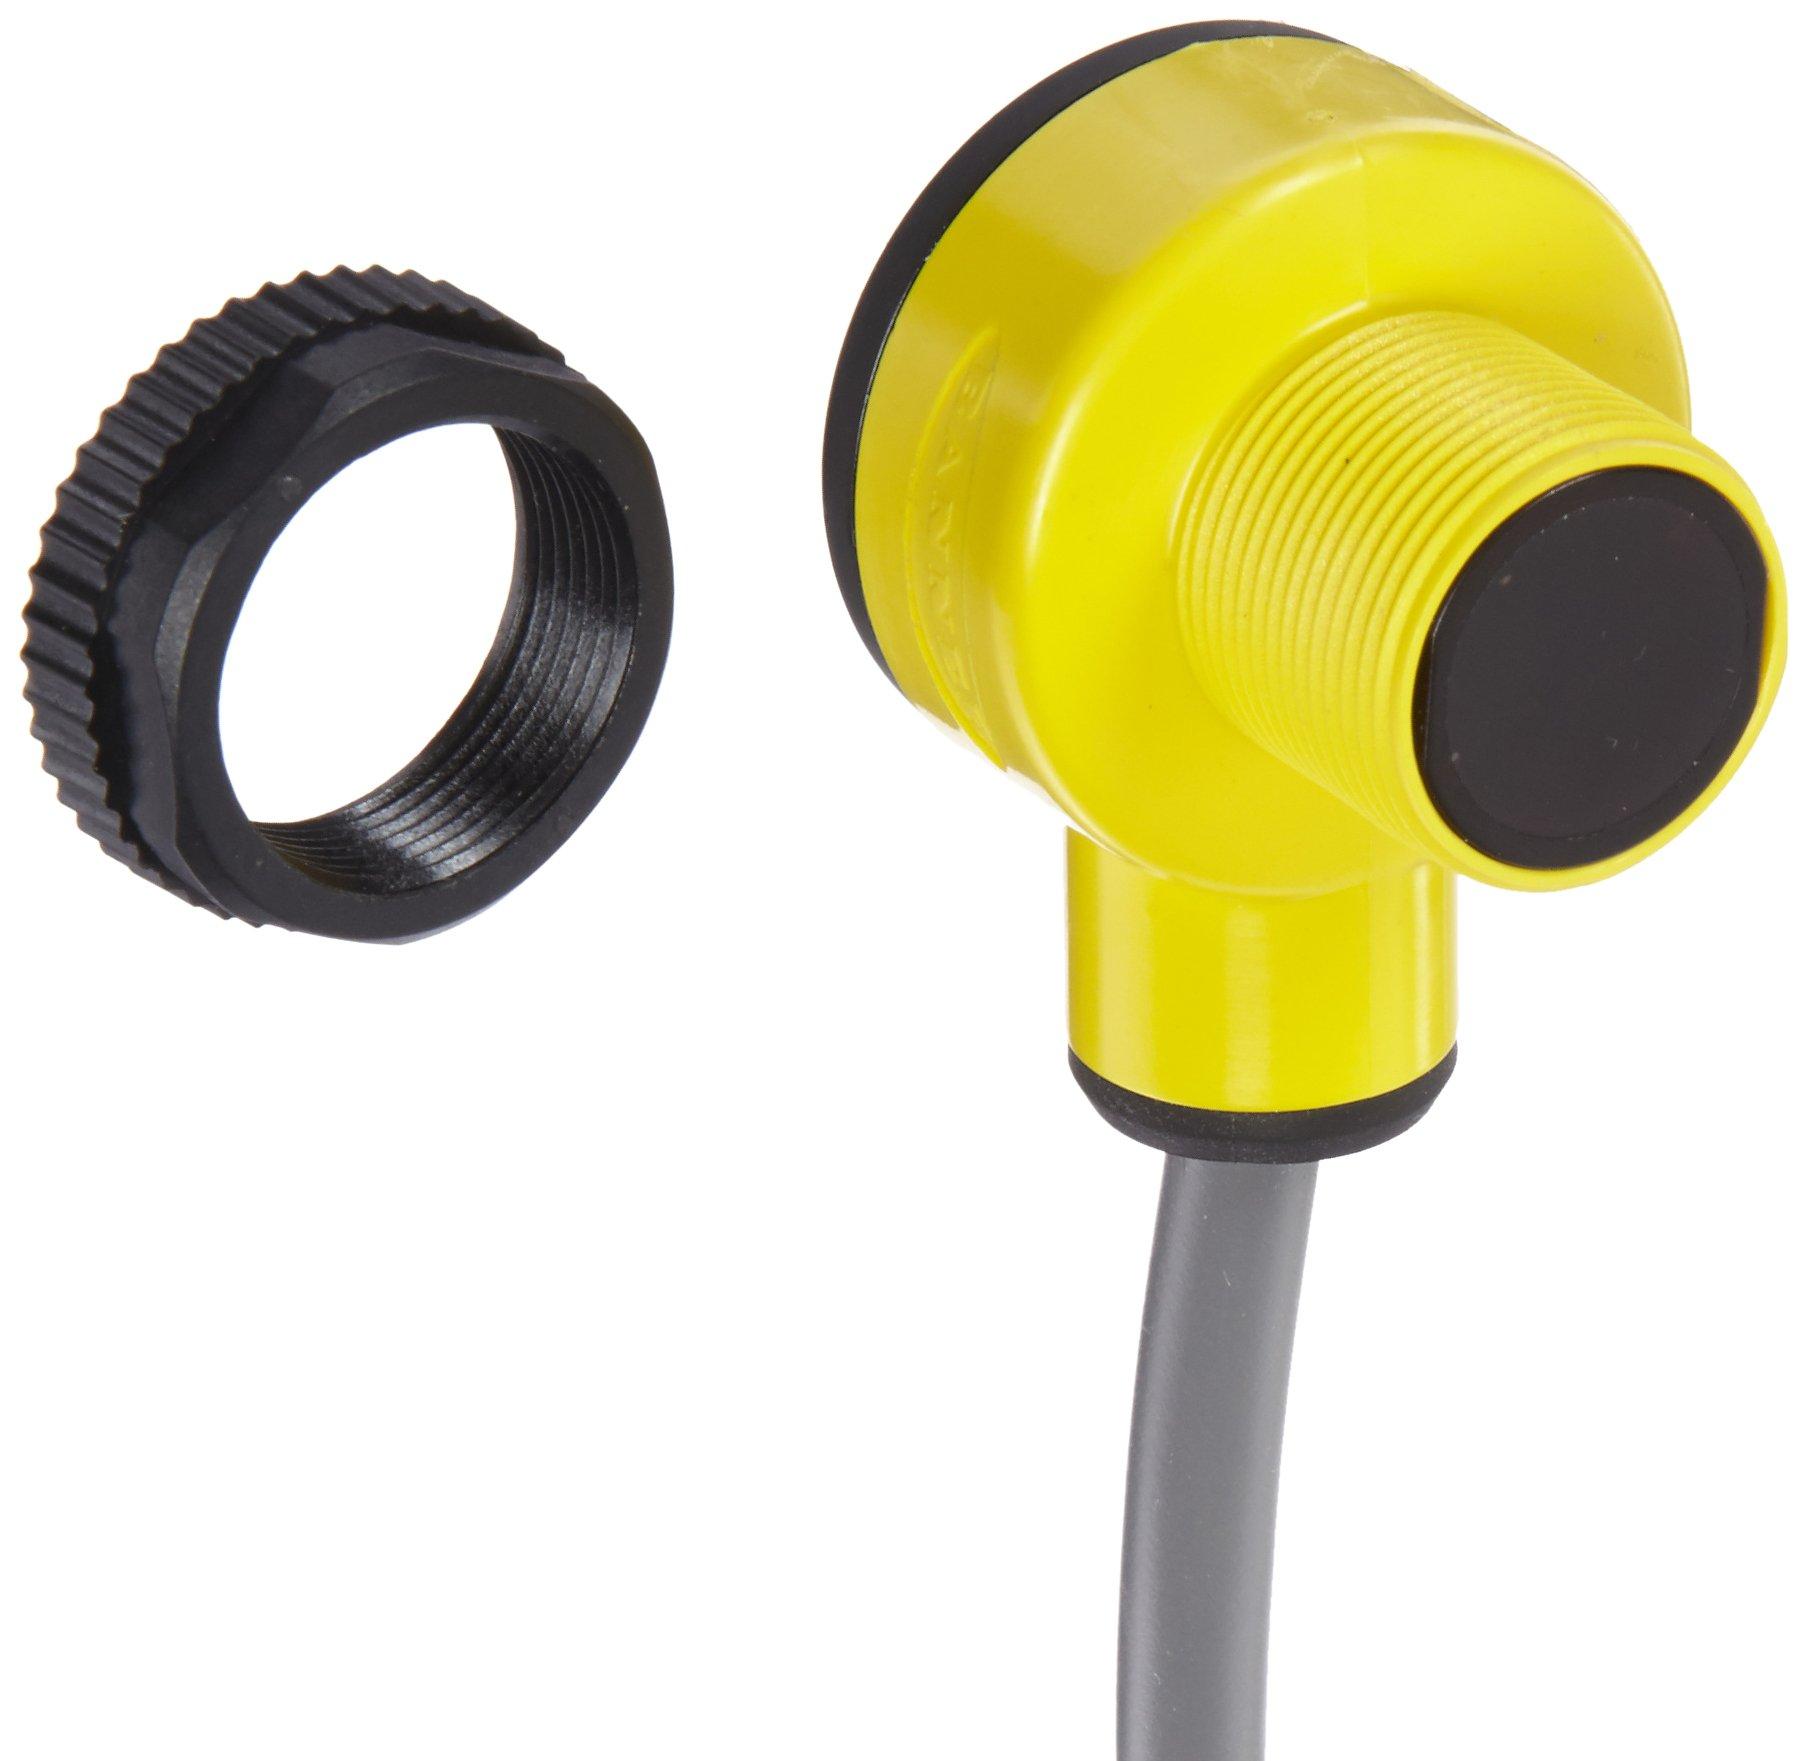 Banner T186E EZ Beam Emitter, Opposed Sensing Mode, 2 m PVC 2-Wire Cable, Infrared LED, 10-30VDC Supply Voltage, 20 m Sensing Range